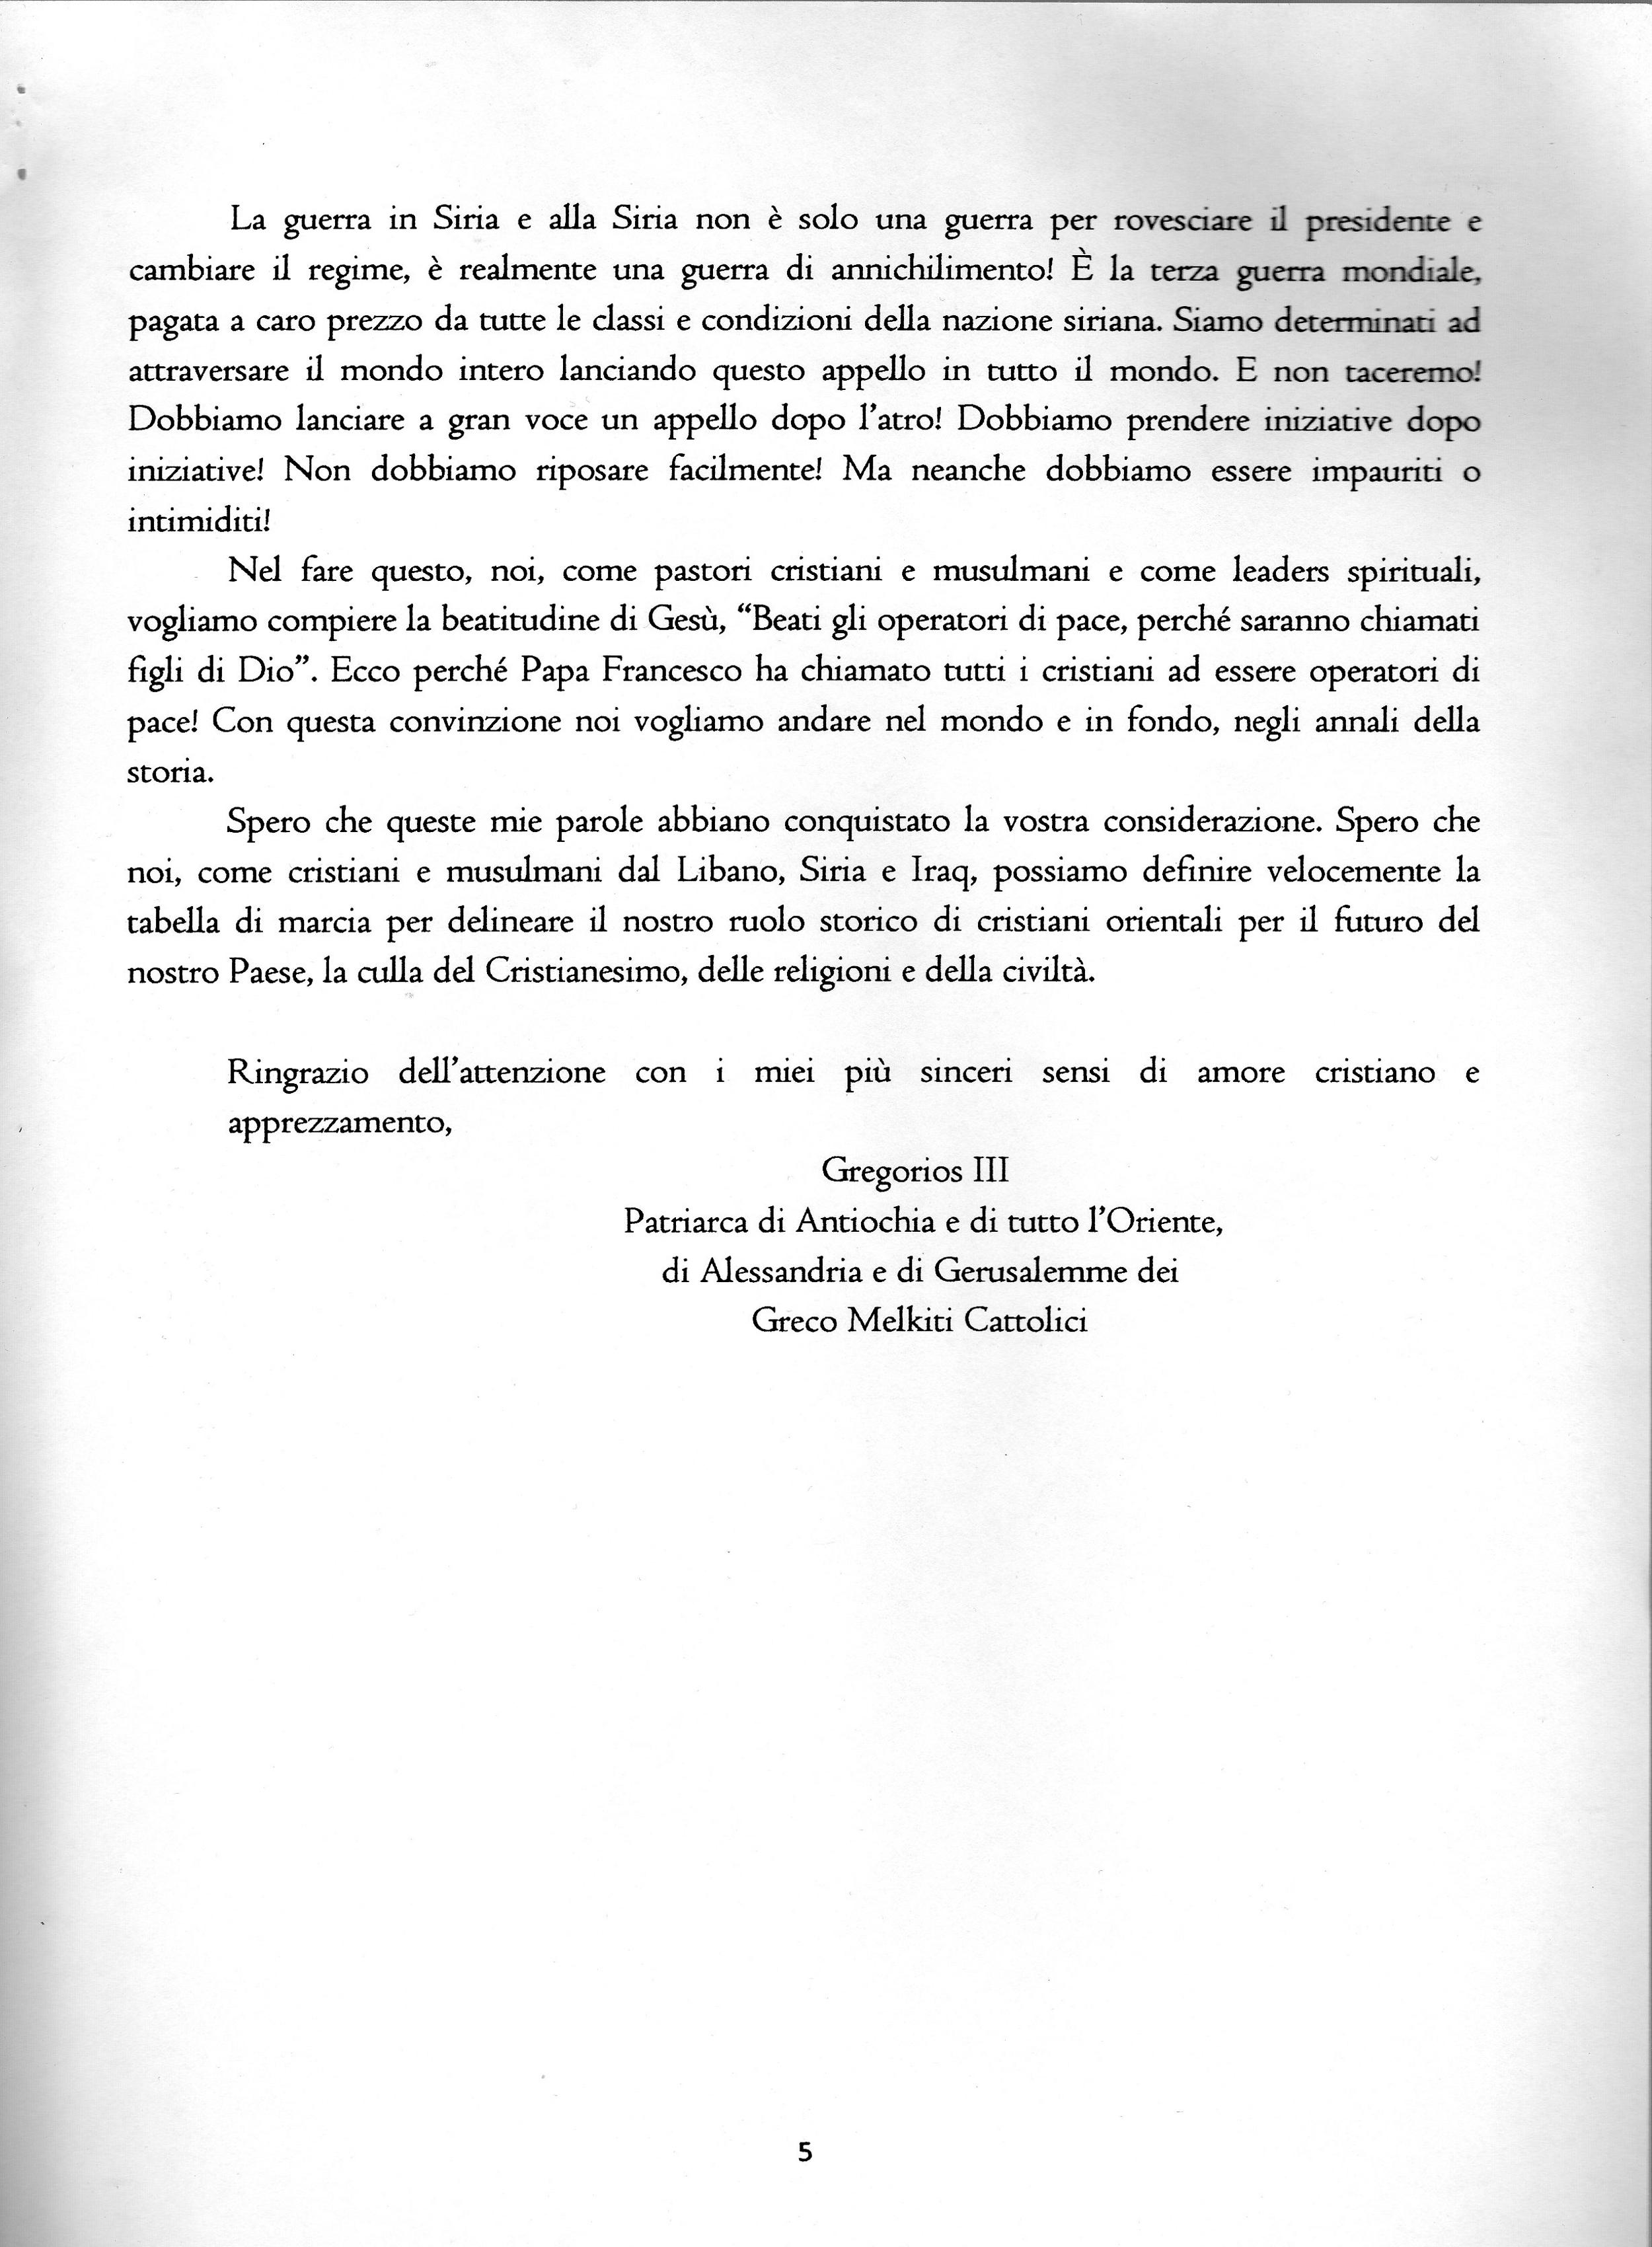 lettera-05